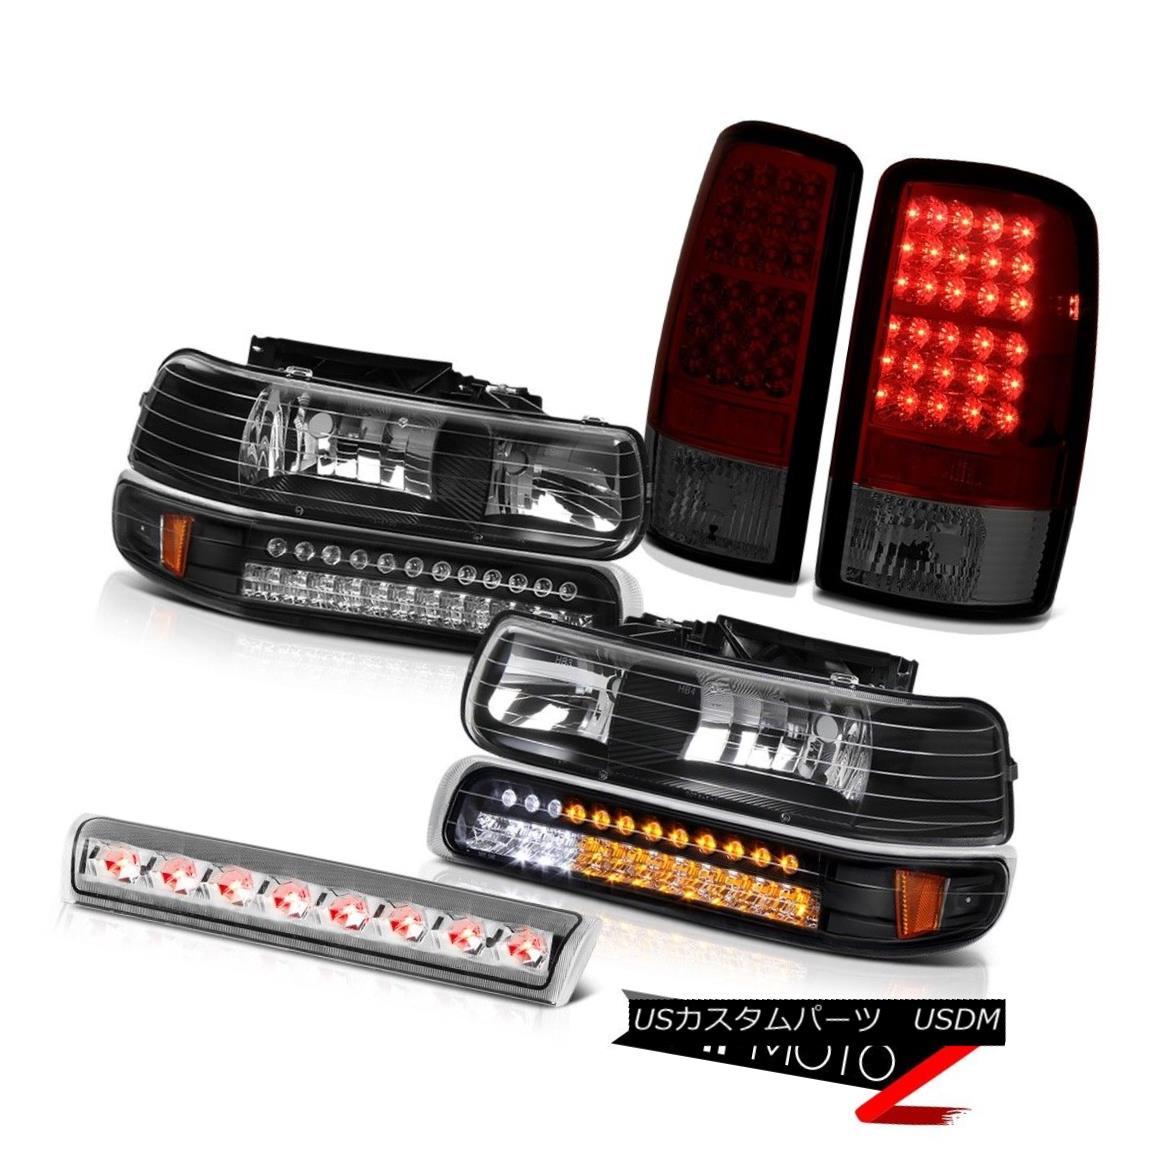 テールライト 2000-2006 Suburban 5.7L Black LED Parking Headlights Dark RED Tail Lights Roof 2000-2006郊外5.7LブラックLEDパーキングヘッドライトダークREDテールライトルーフ